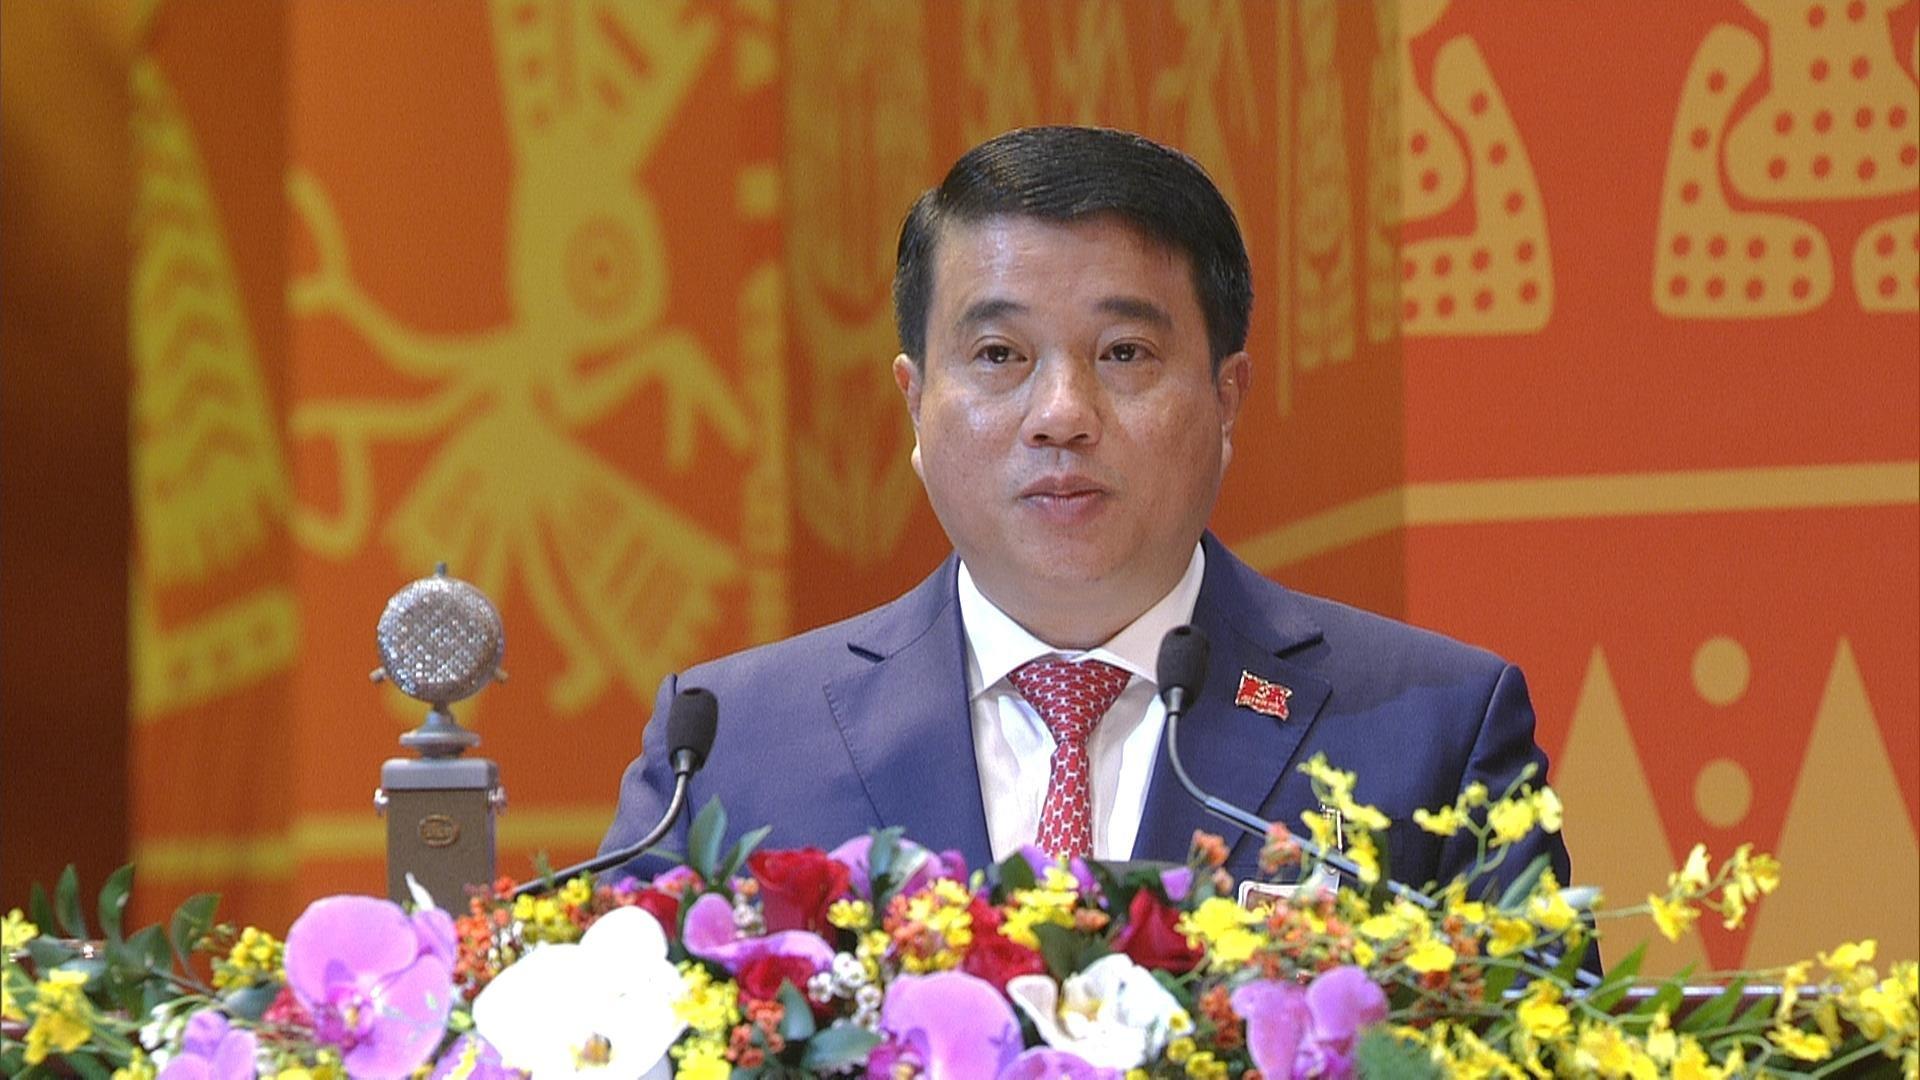 Đồng chí Y Thanh Hà Niê Kđăm, Ủy viên dự khuyết Trung ương Đảng, Bí thư Đảng ủy Khối Doanh nghiệp Trung ương tham luận tại Đại hội.